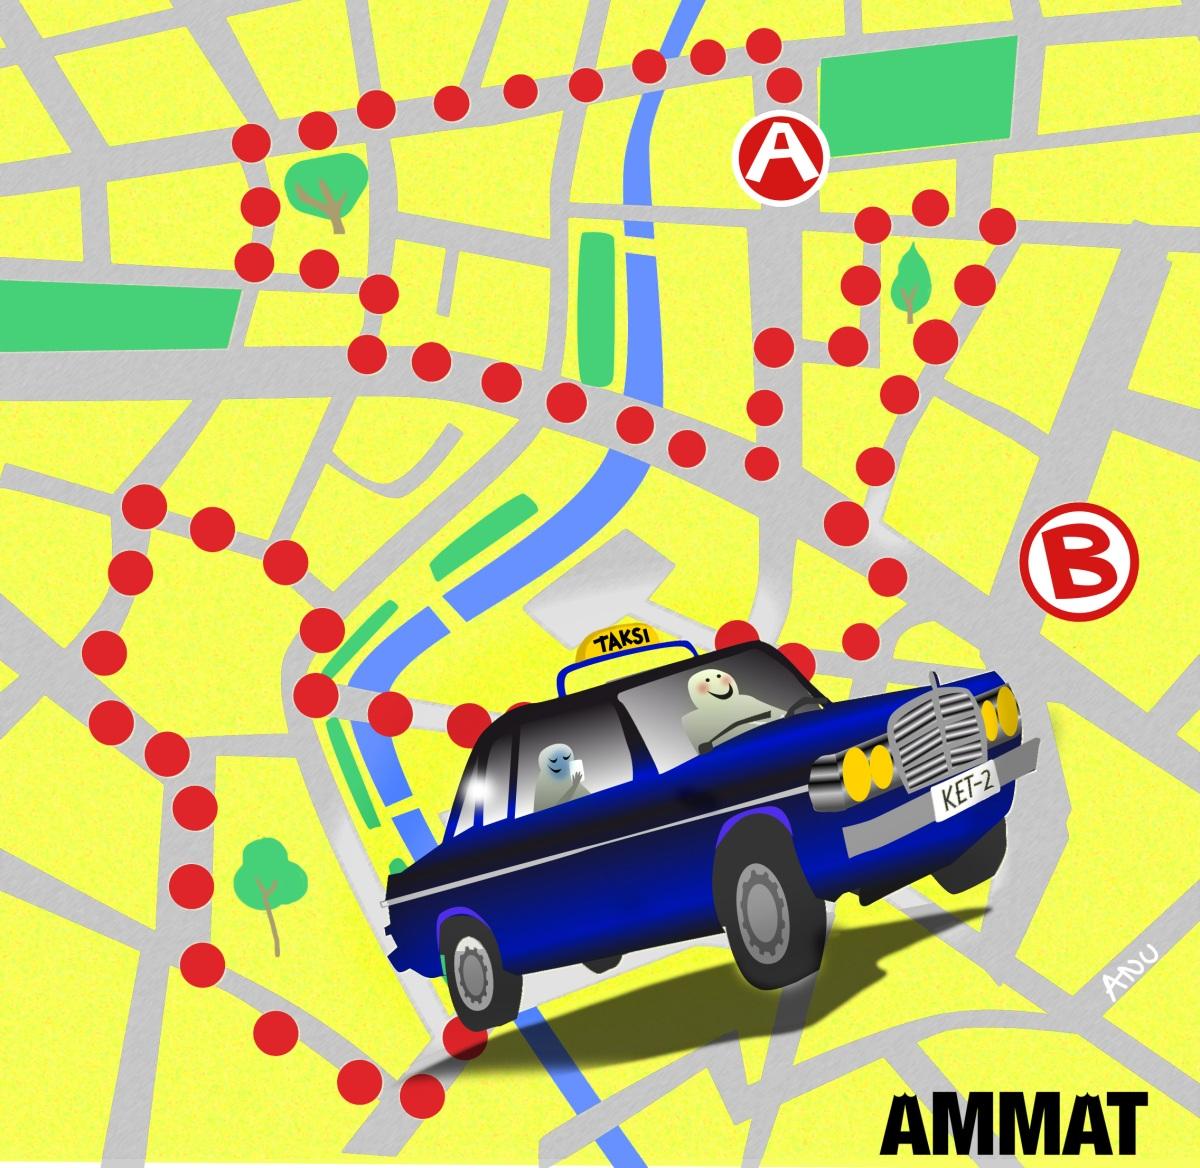 Tutkimattomia ovat taksikuskien tiet